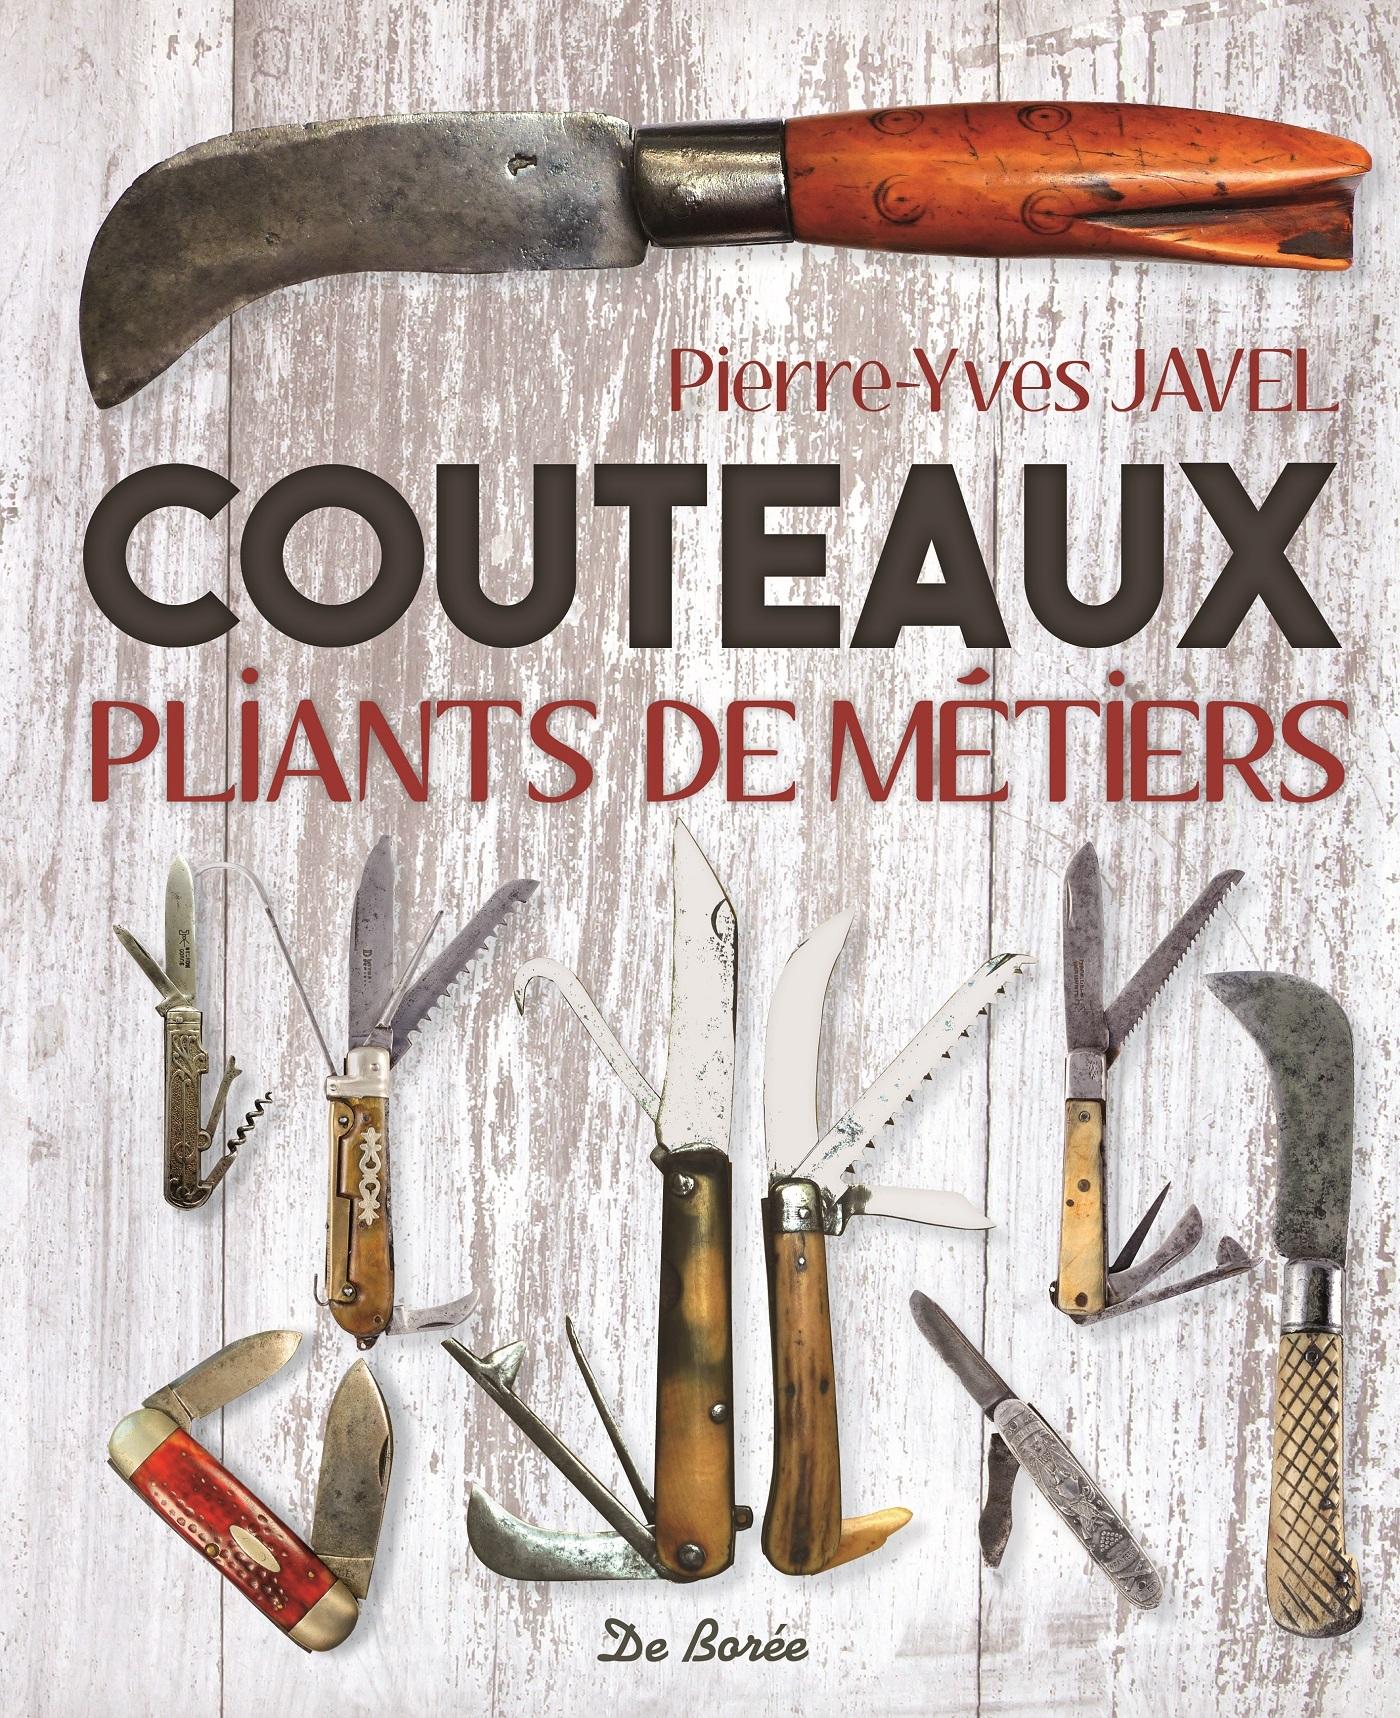 COUTEAUX PLIANTS DE METIERS